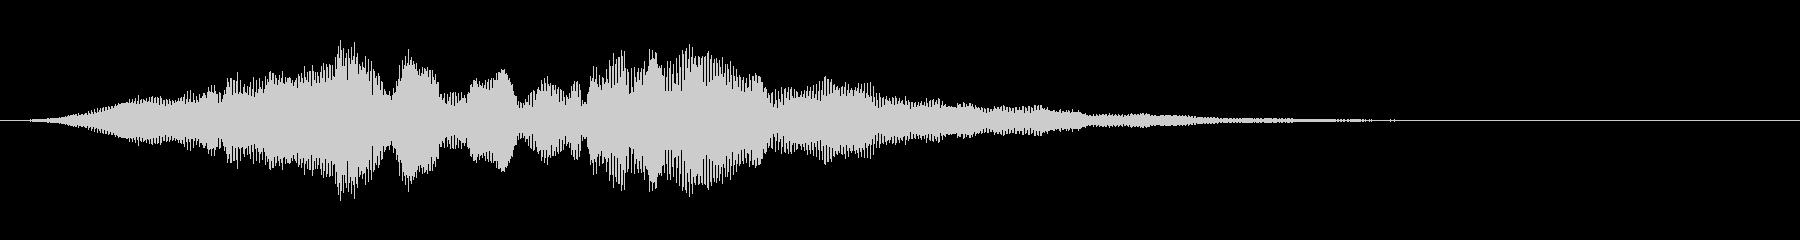 フィードバックエコードLFEによる...の未再生の波形